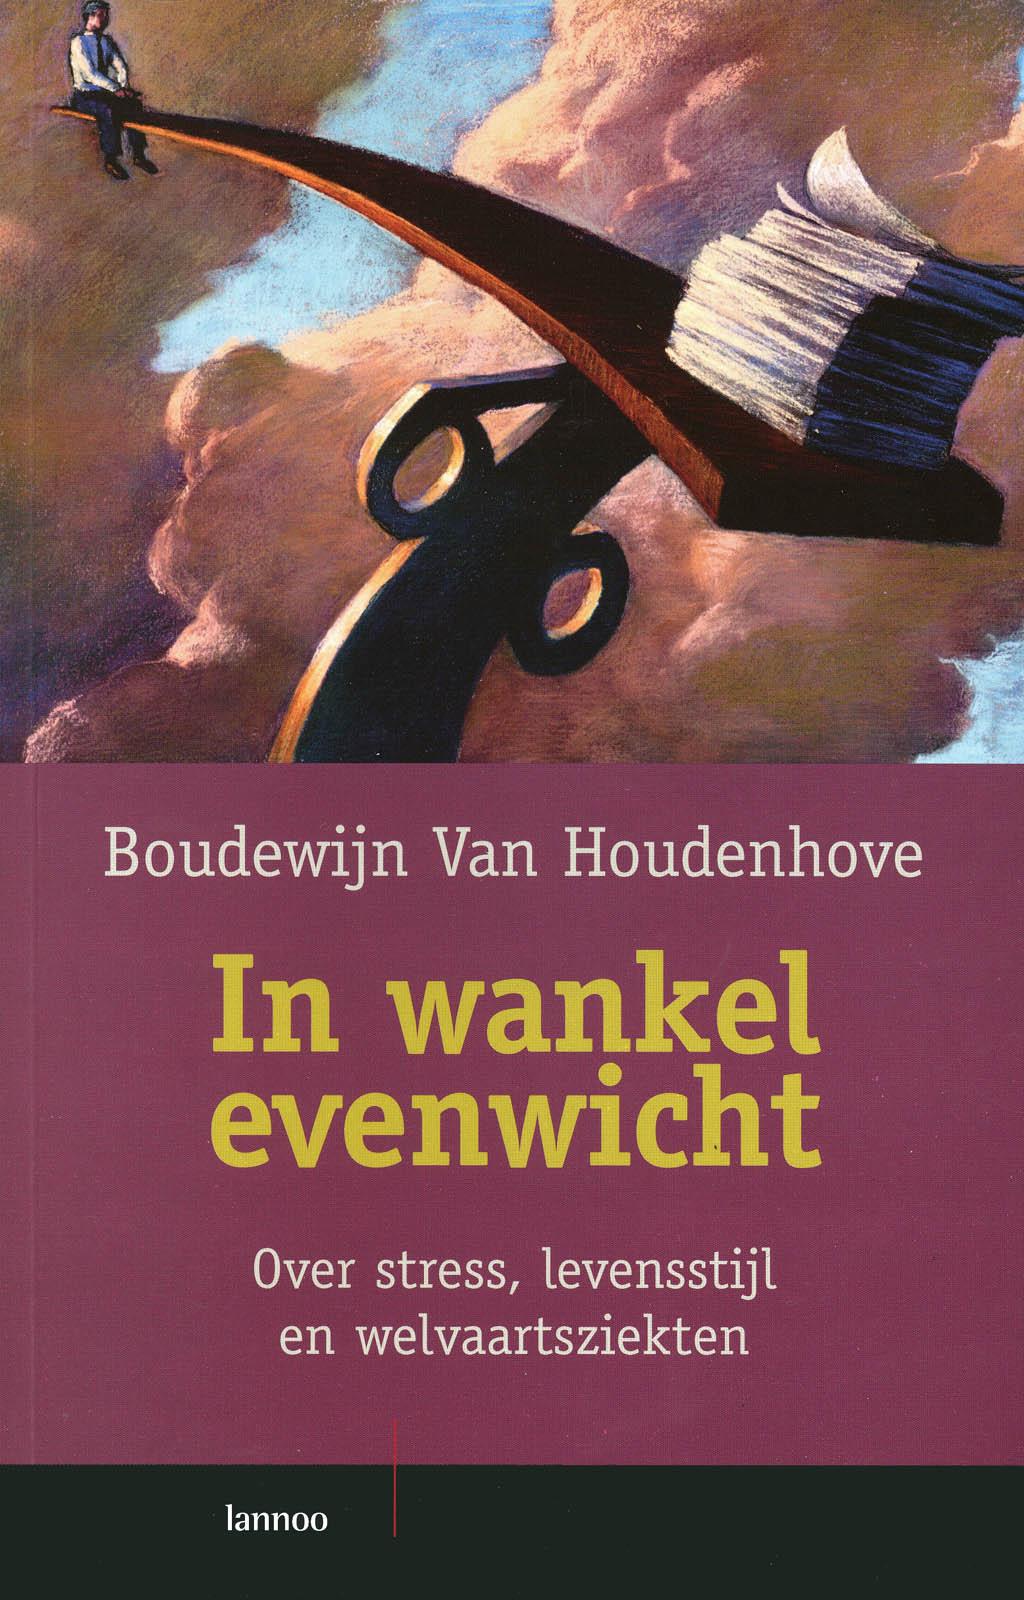 In wankel evenwicht (POD) | Uitgeverij Lannoo